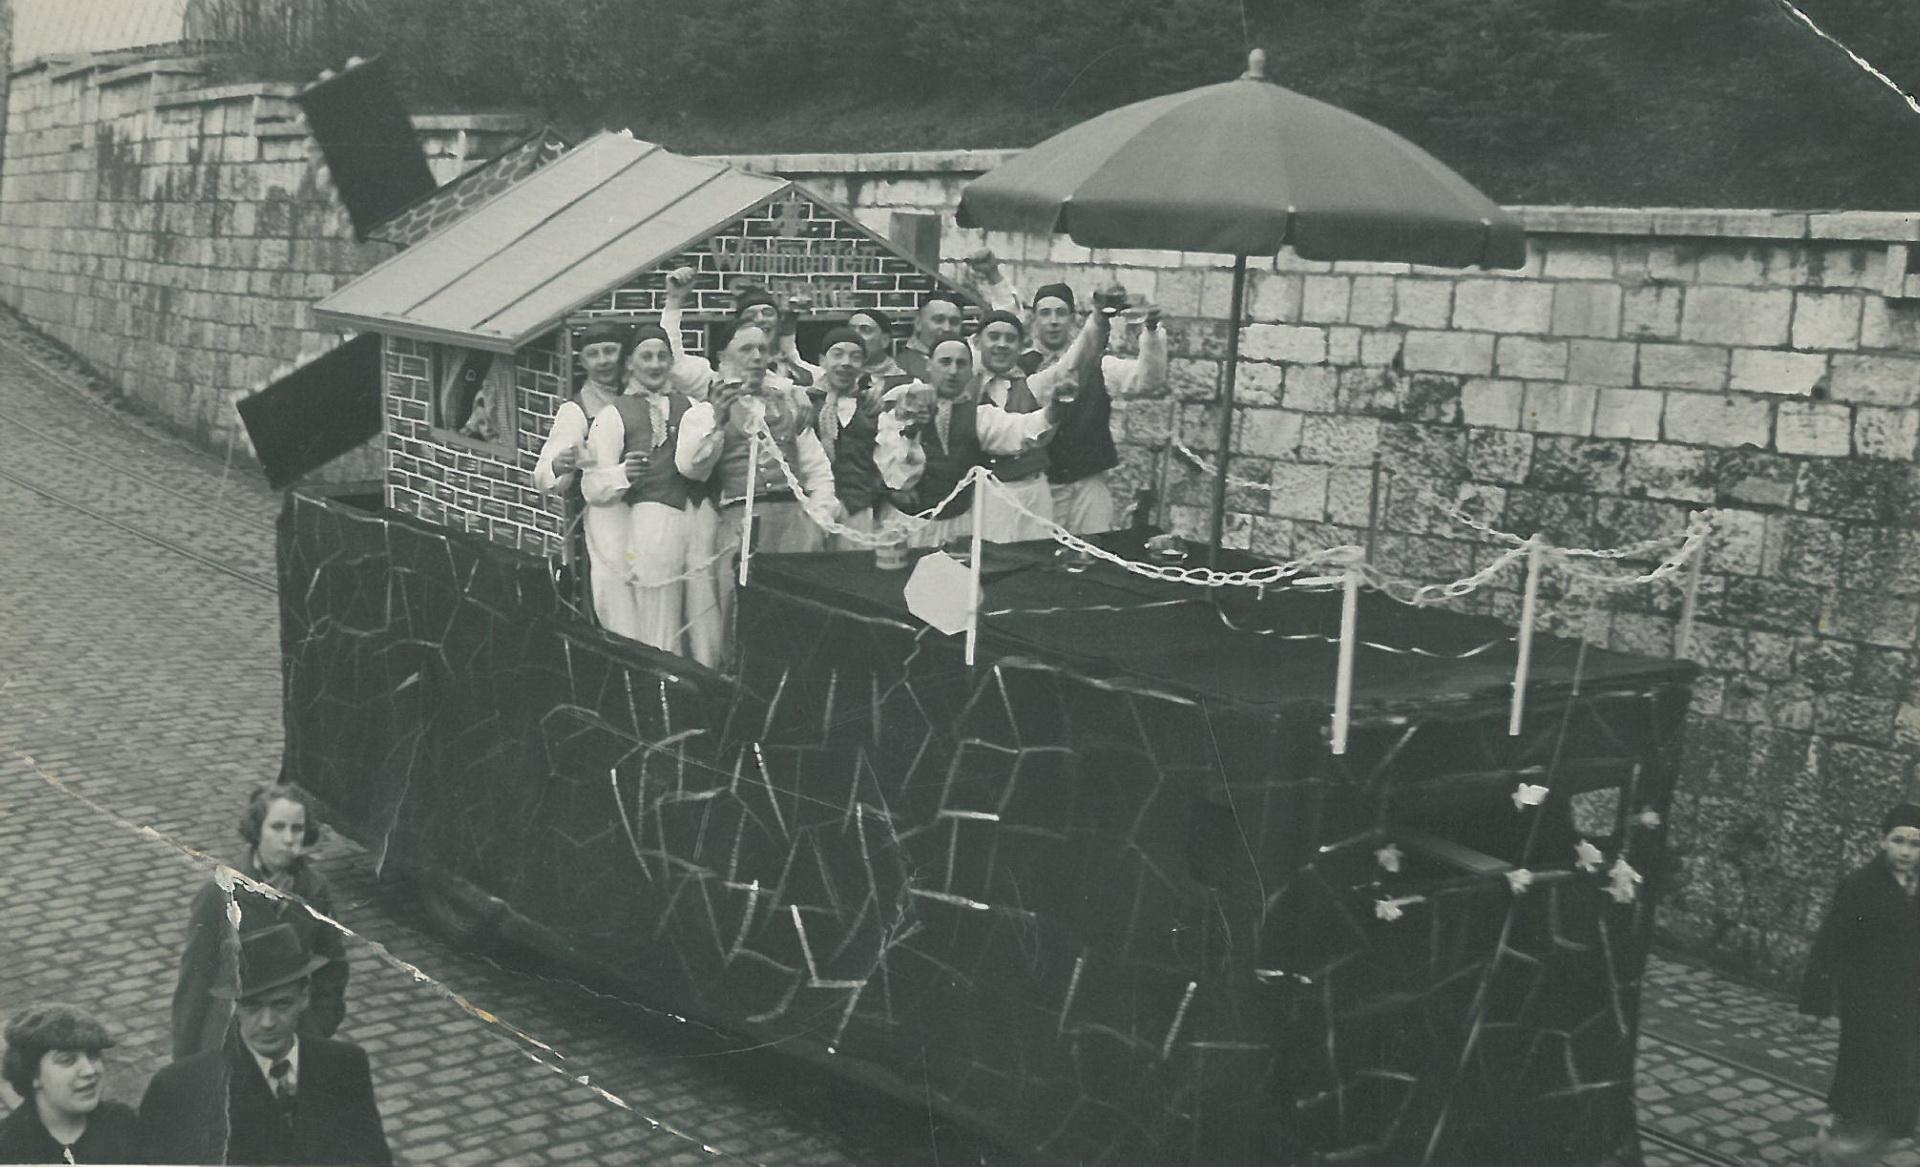 Karnevalszug in der Unterstadt 1936